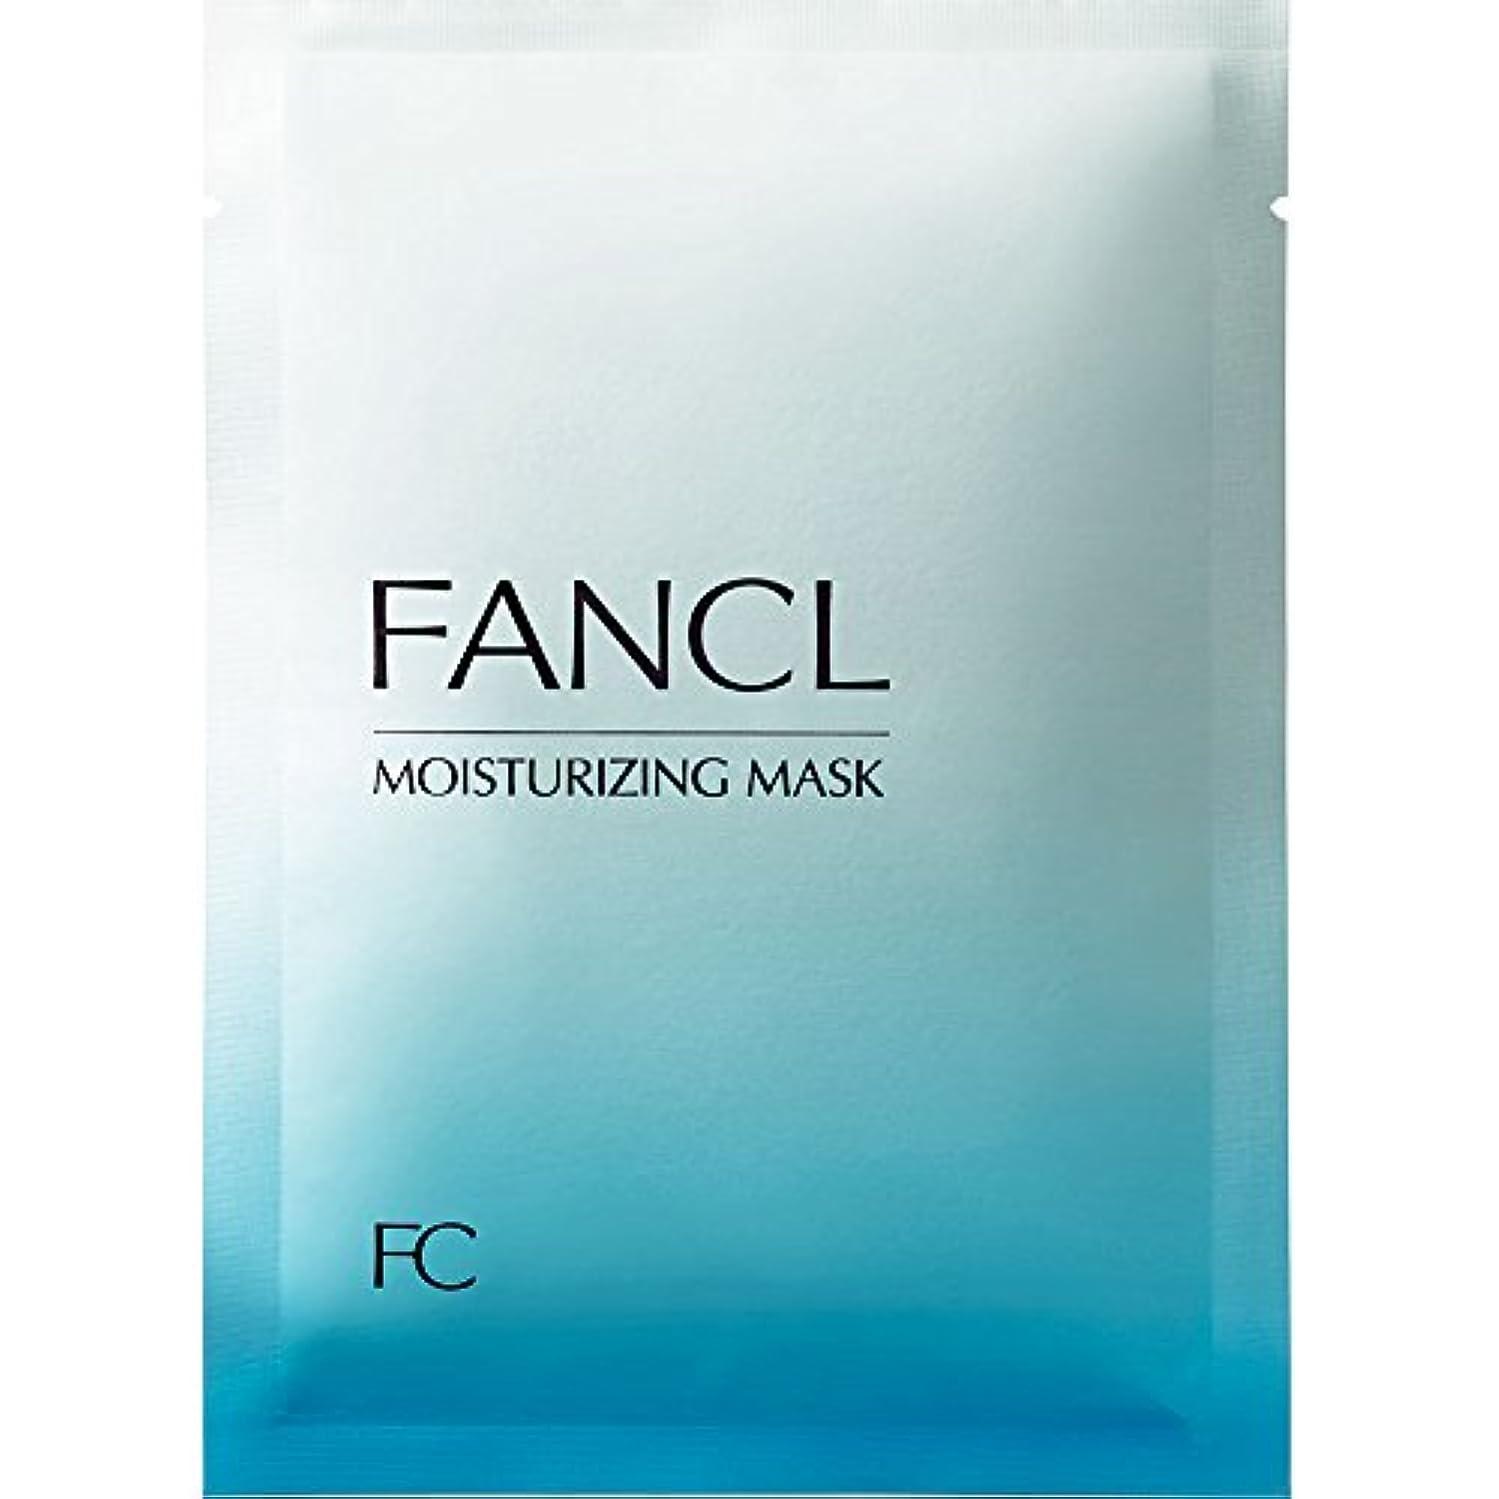 行動重量集まるファンケル(FANCL) モイスチャライジング マスク 18mL×6枚